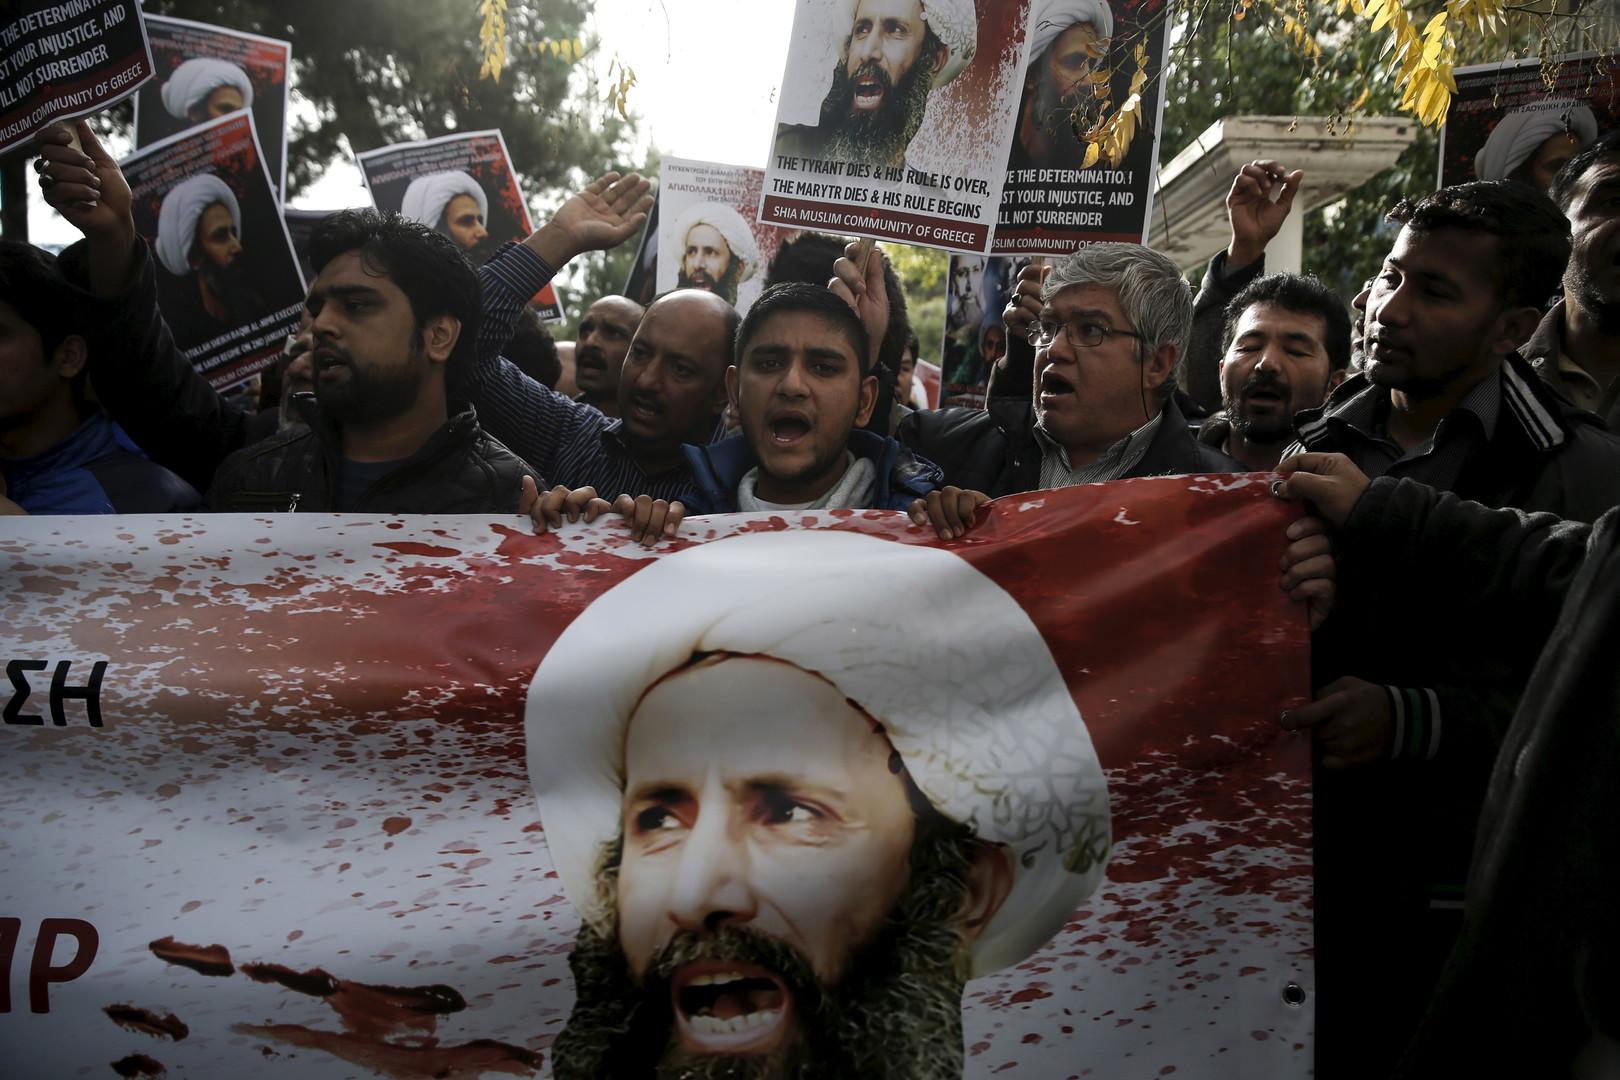 Des musulmans chiites habitant en Grèce brandissent des photos du Cheikh Nimr Baqer al-Nimr et crient des slogans lors d'une manifestation contre son exécution en Arabie saoudite, à l'extérieur de l'ambassade d'Arabie saoudite en Grèce, à Athènes, le 6 janvier 2016